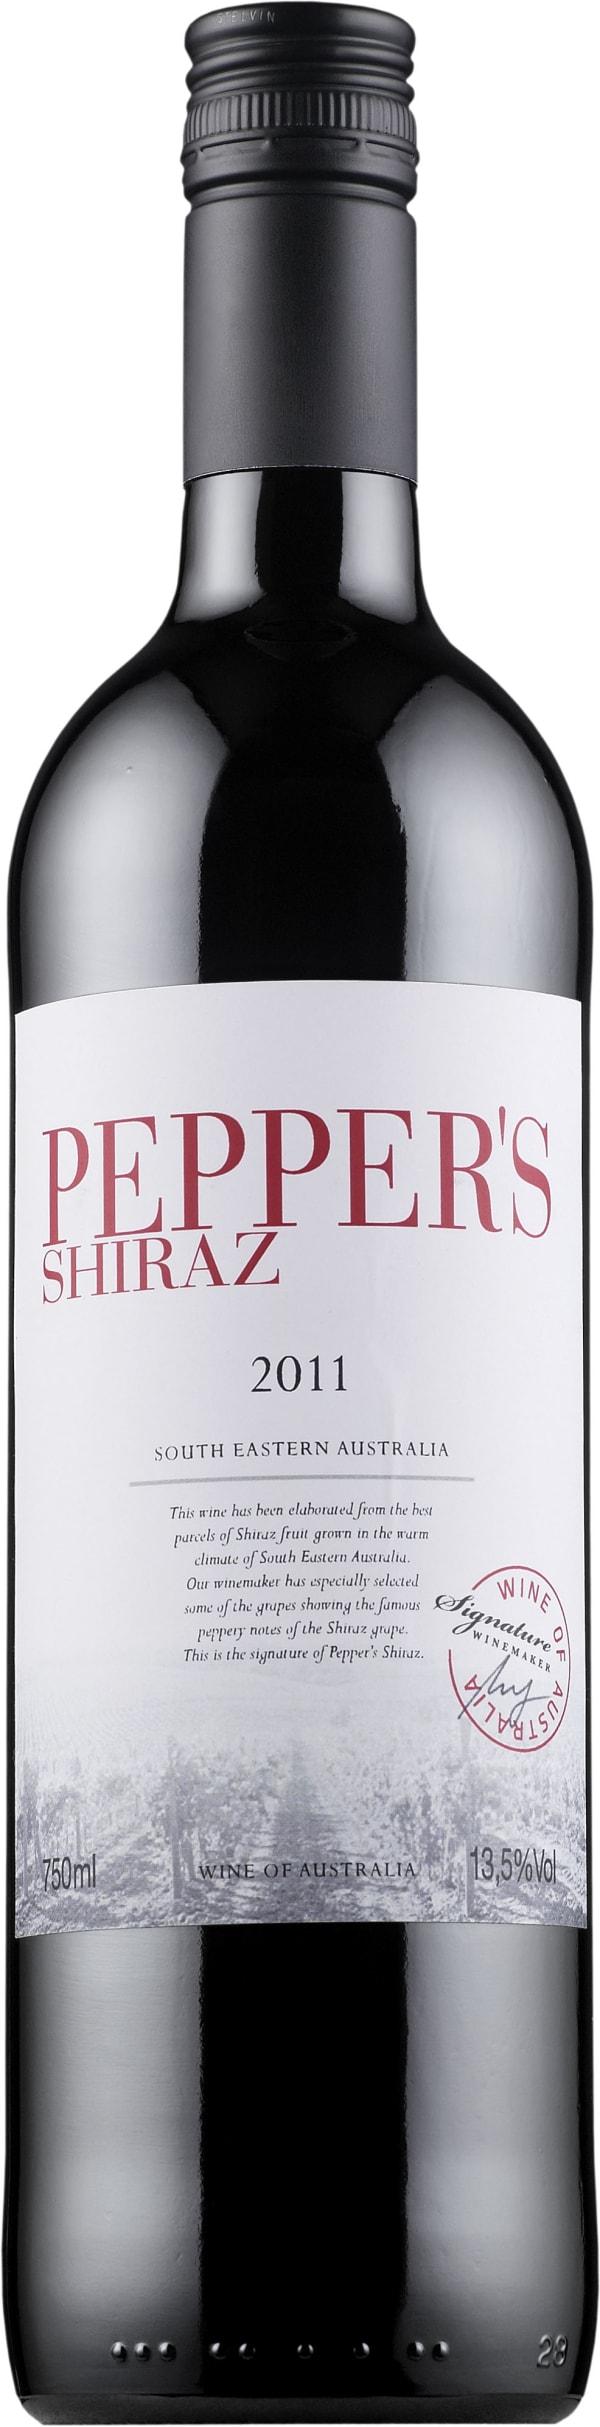 Pepper's Shiraz 2014